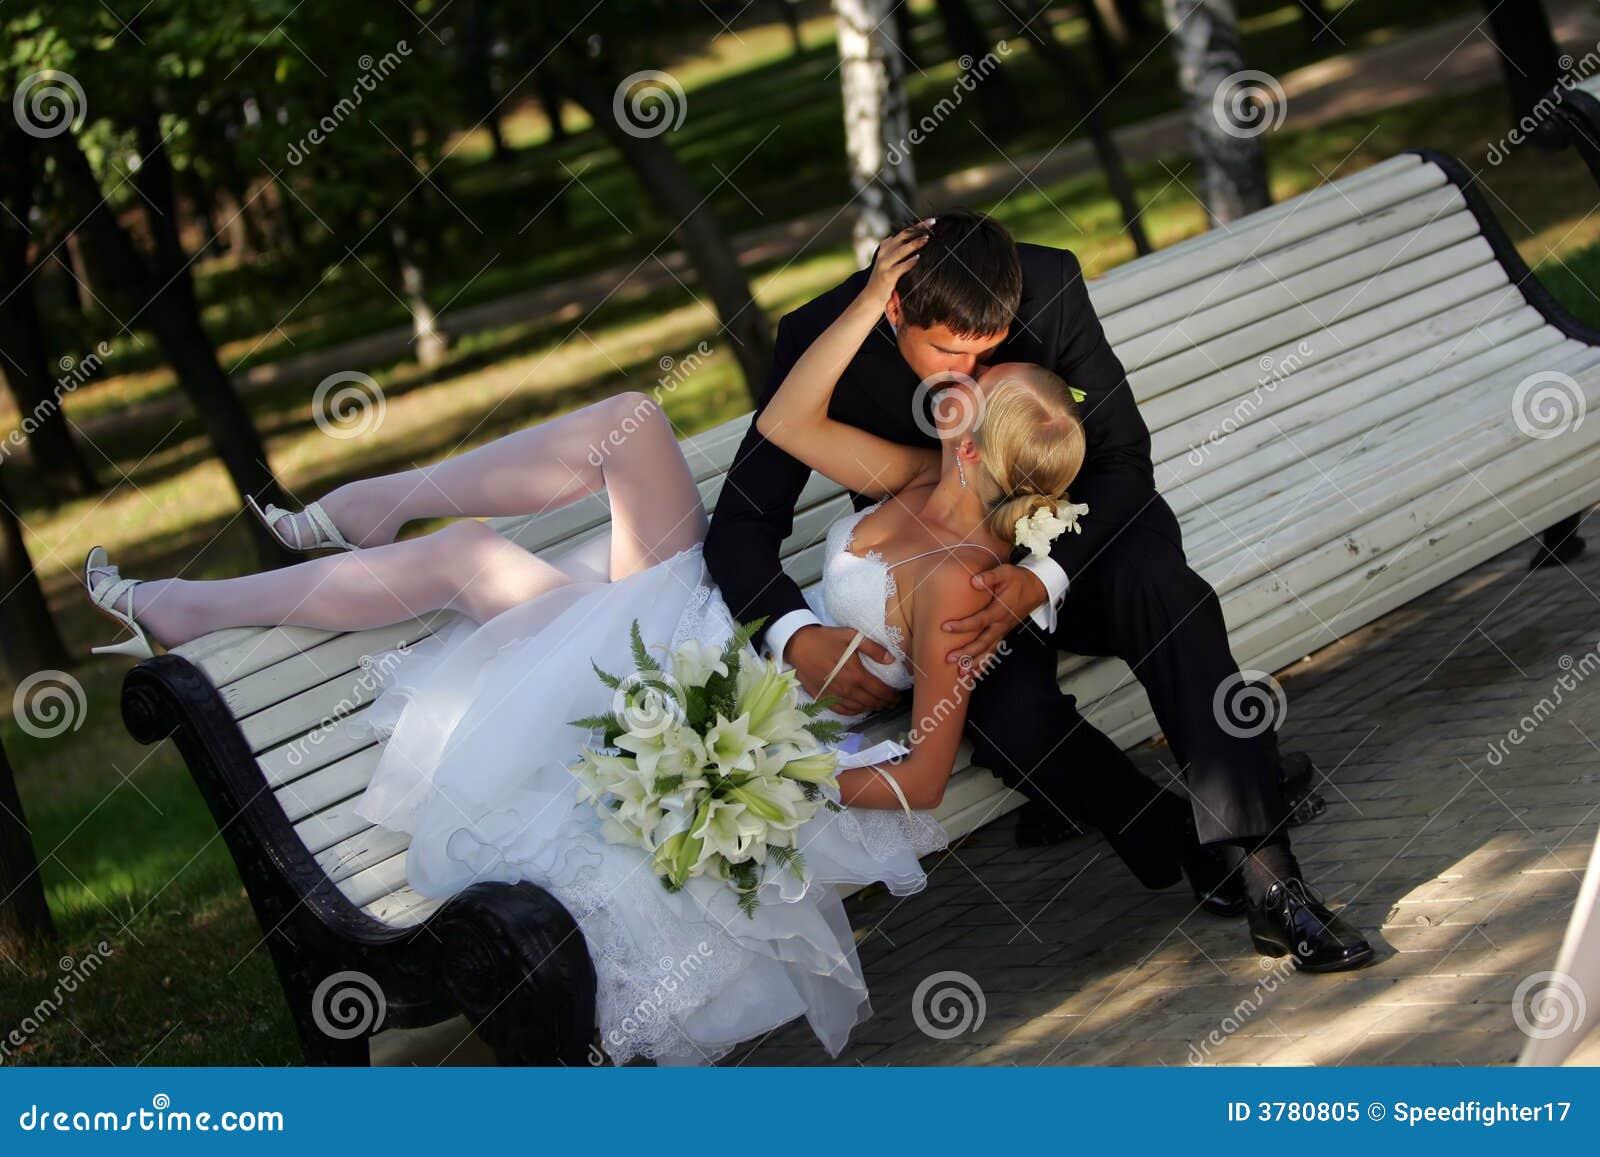 Narzeczoną pana młodego ławki parku całowania